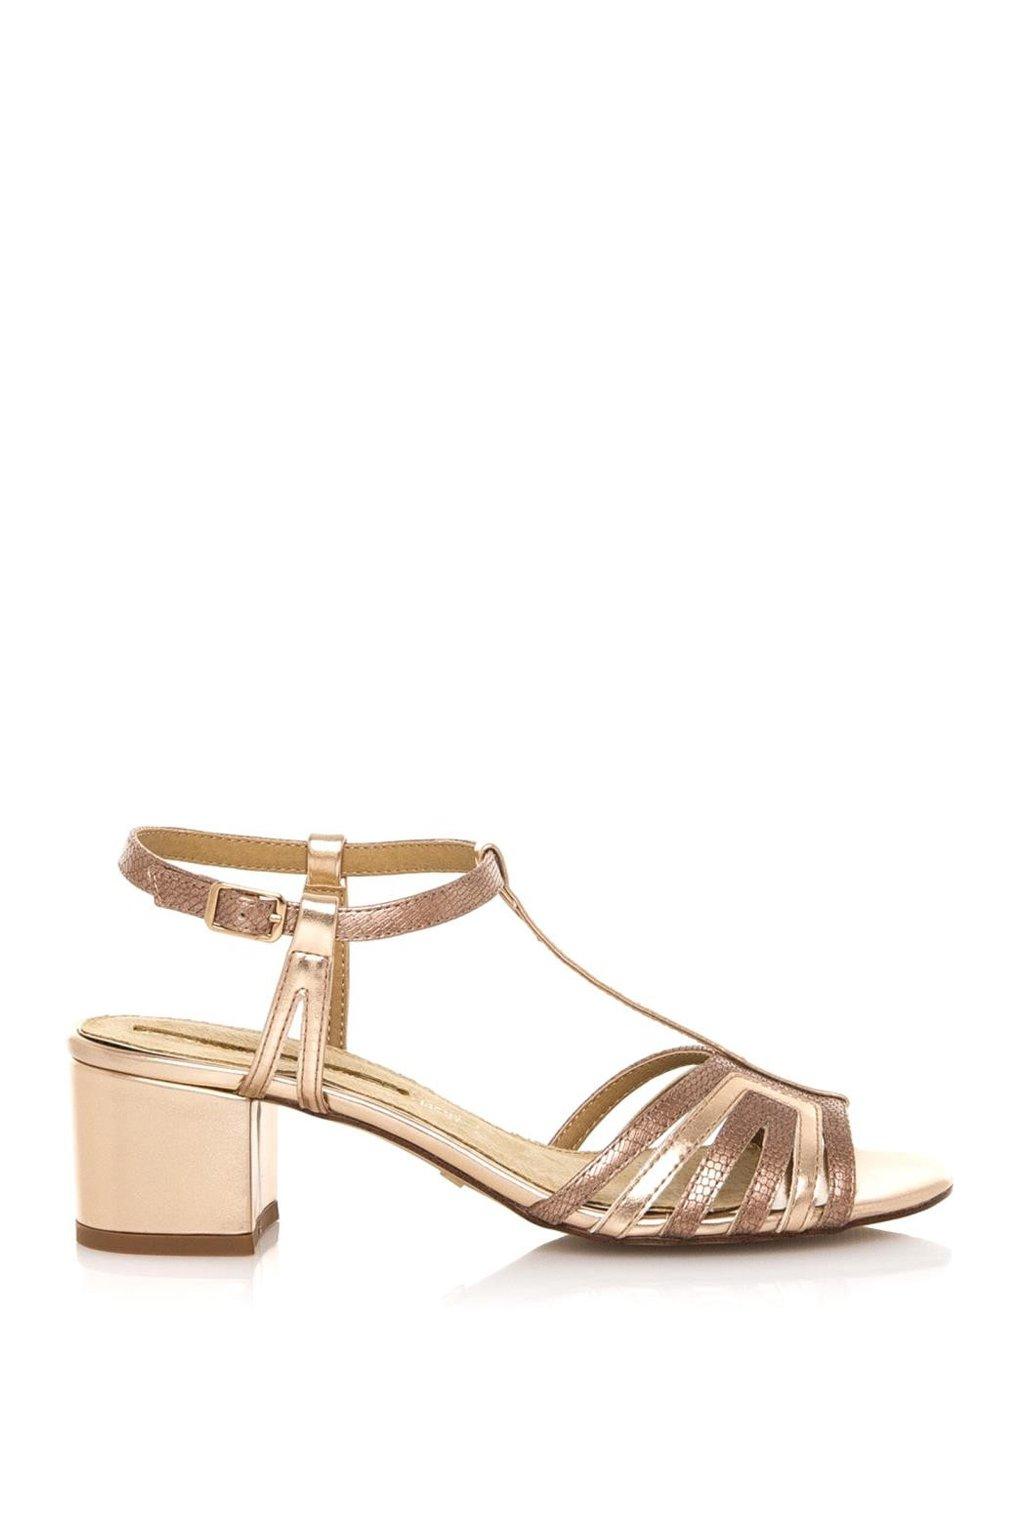 Béžové sandály na nízkém širokém podpatku Maria Mare